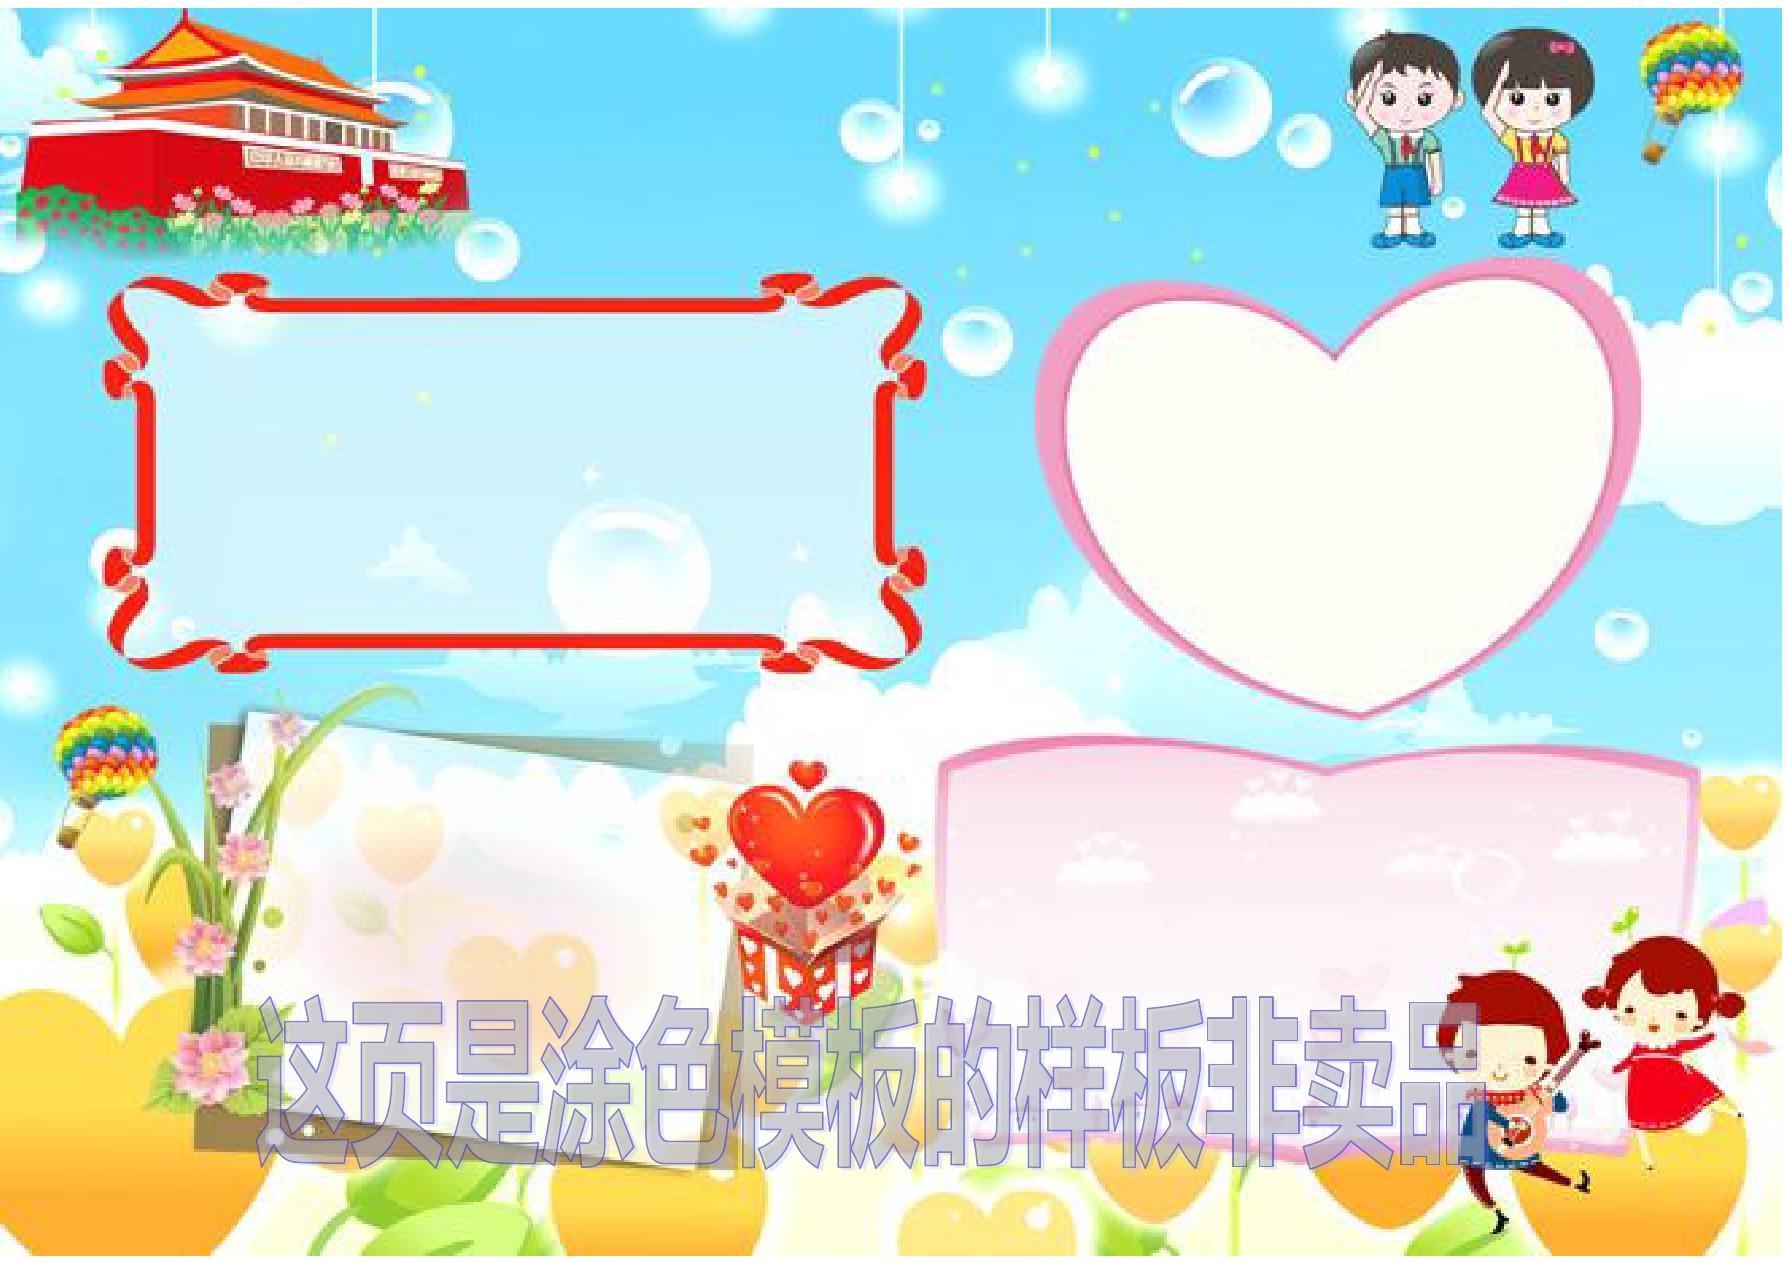 国庆节2173a3国庆节手抄报模板,欢度国庆描边涂色简报图片